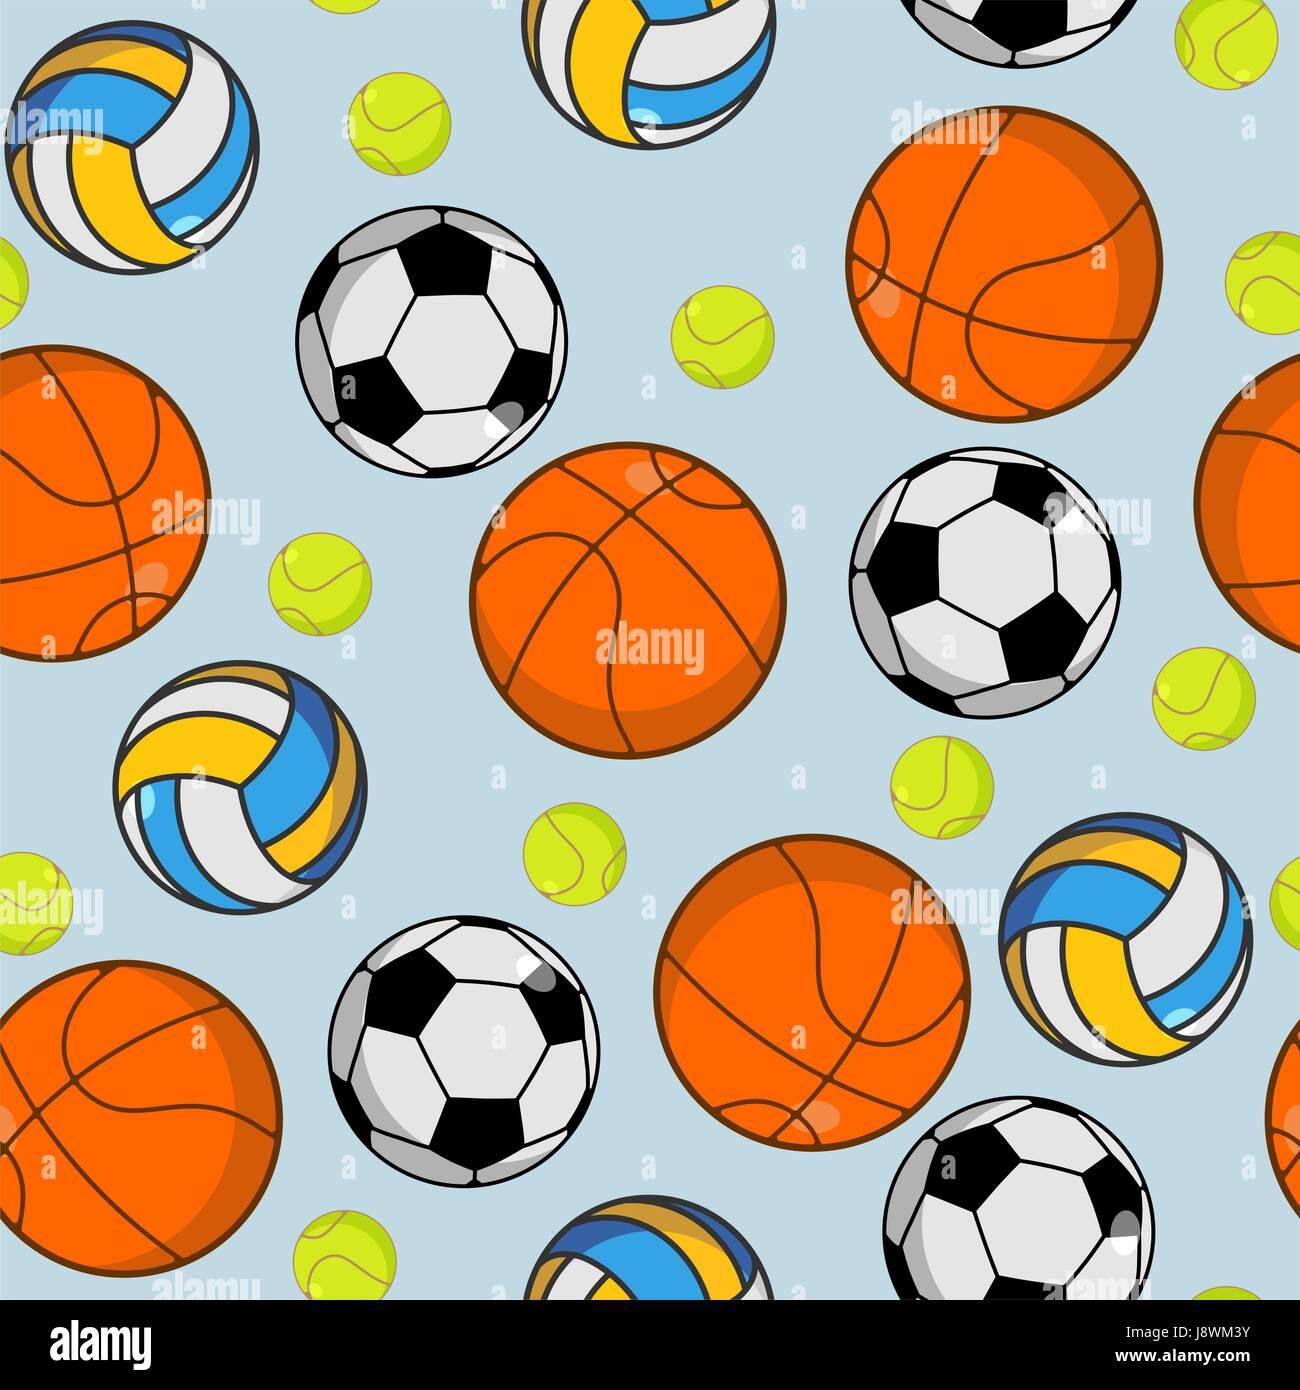 Patrón sin fisuras de balones deportivos. Ornamento de bolas. Baloncesto y  fútbol. Canchas 3b4b0cd6fec9f